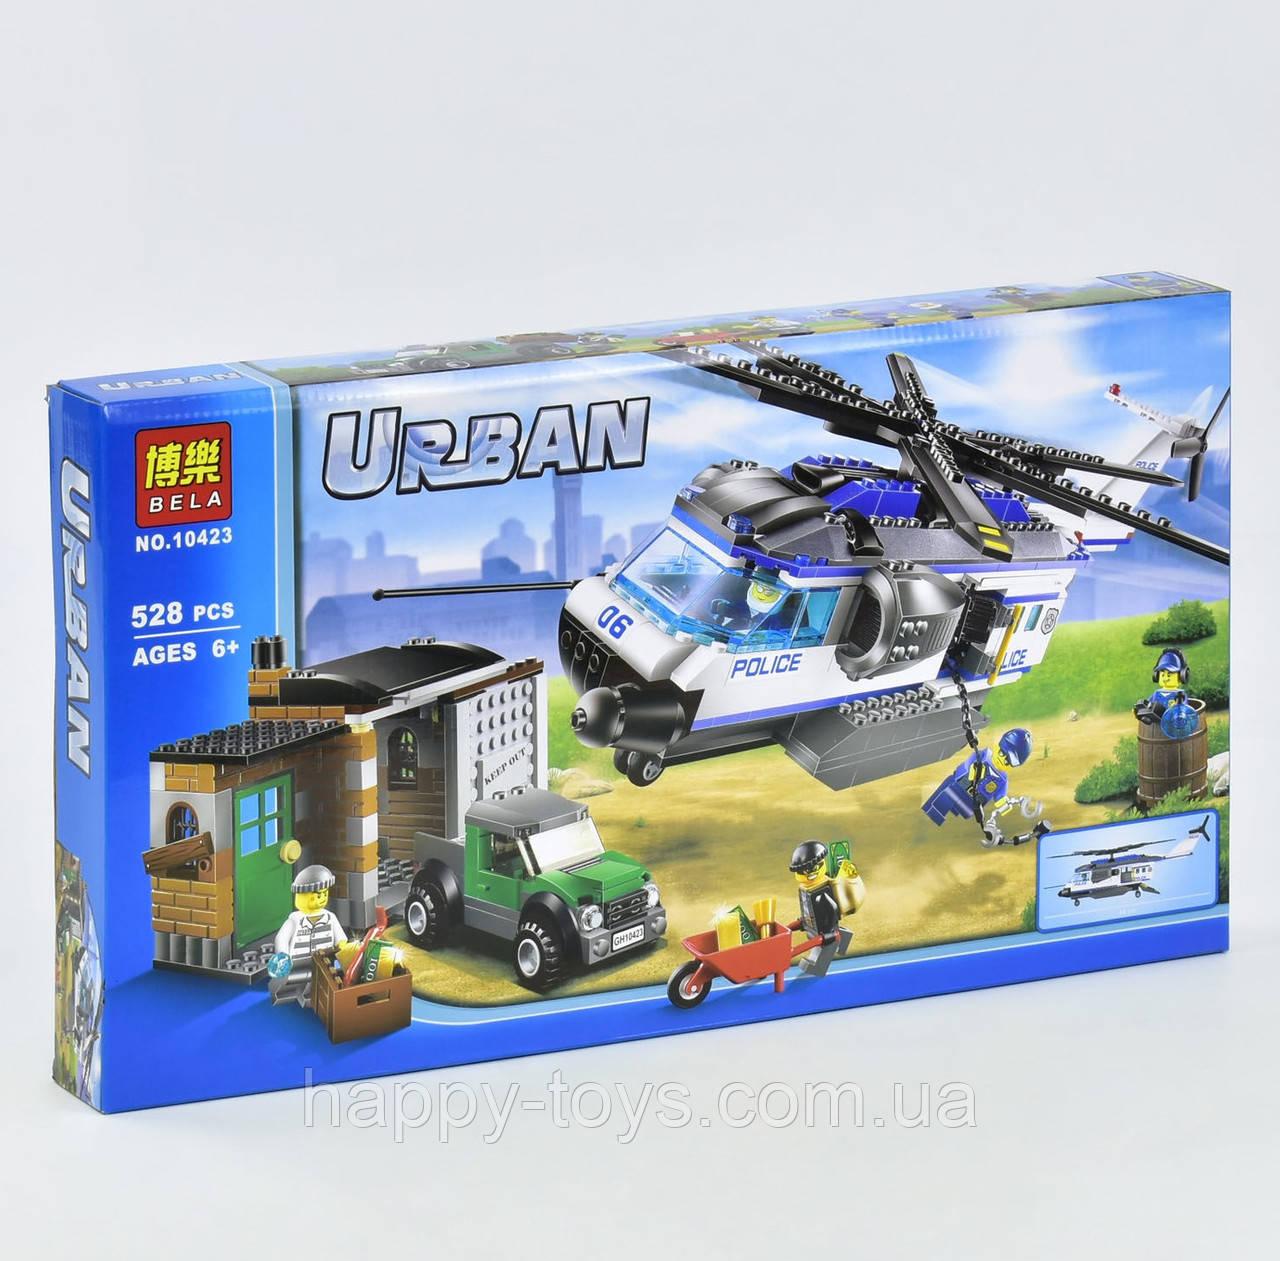 Конструктор Bela Urban 10423 Полицейский вертолетный патруль 528 деталей